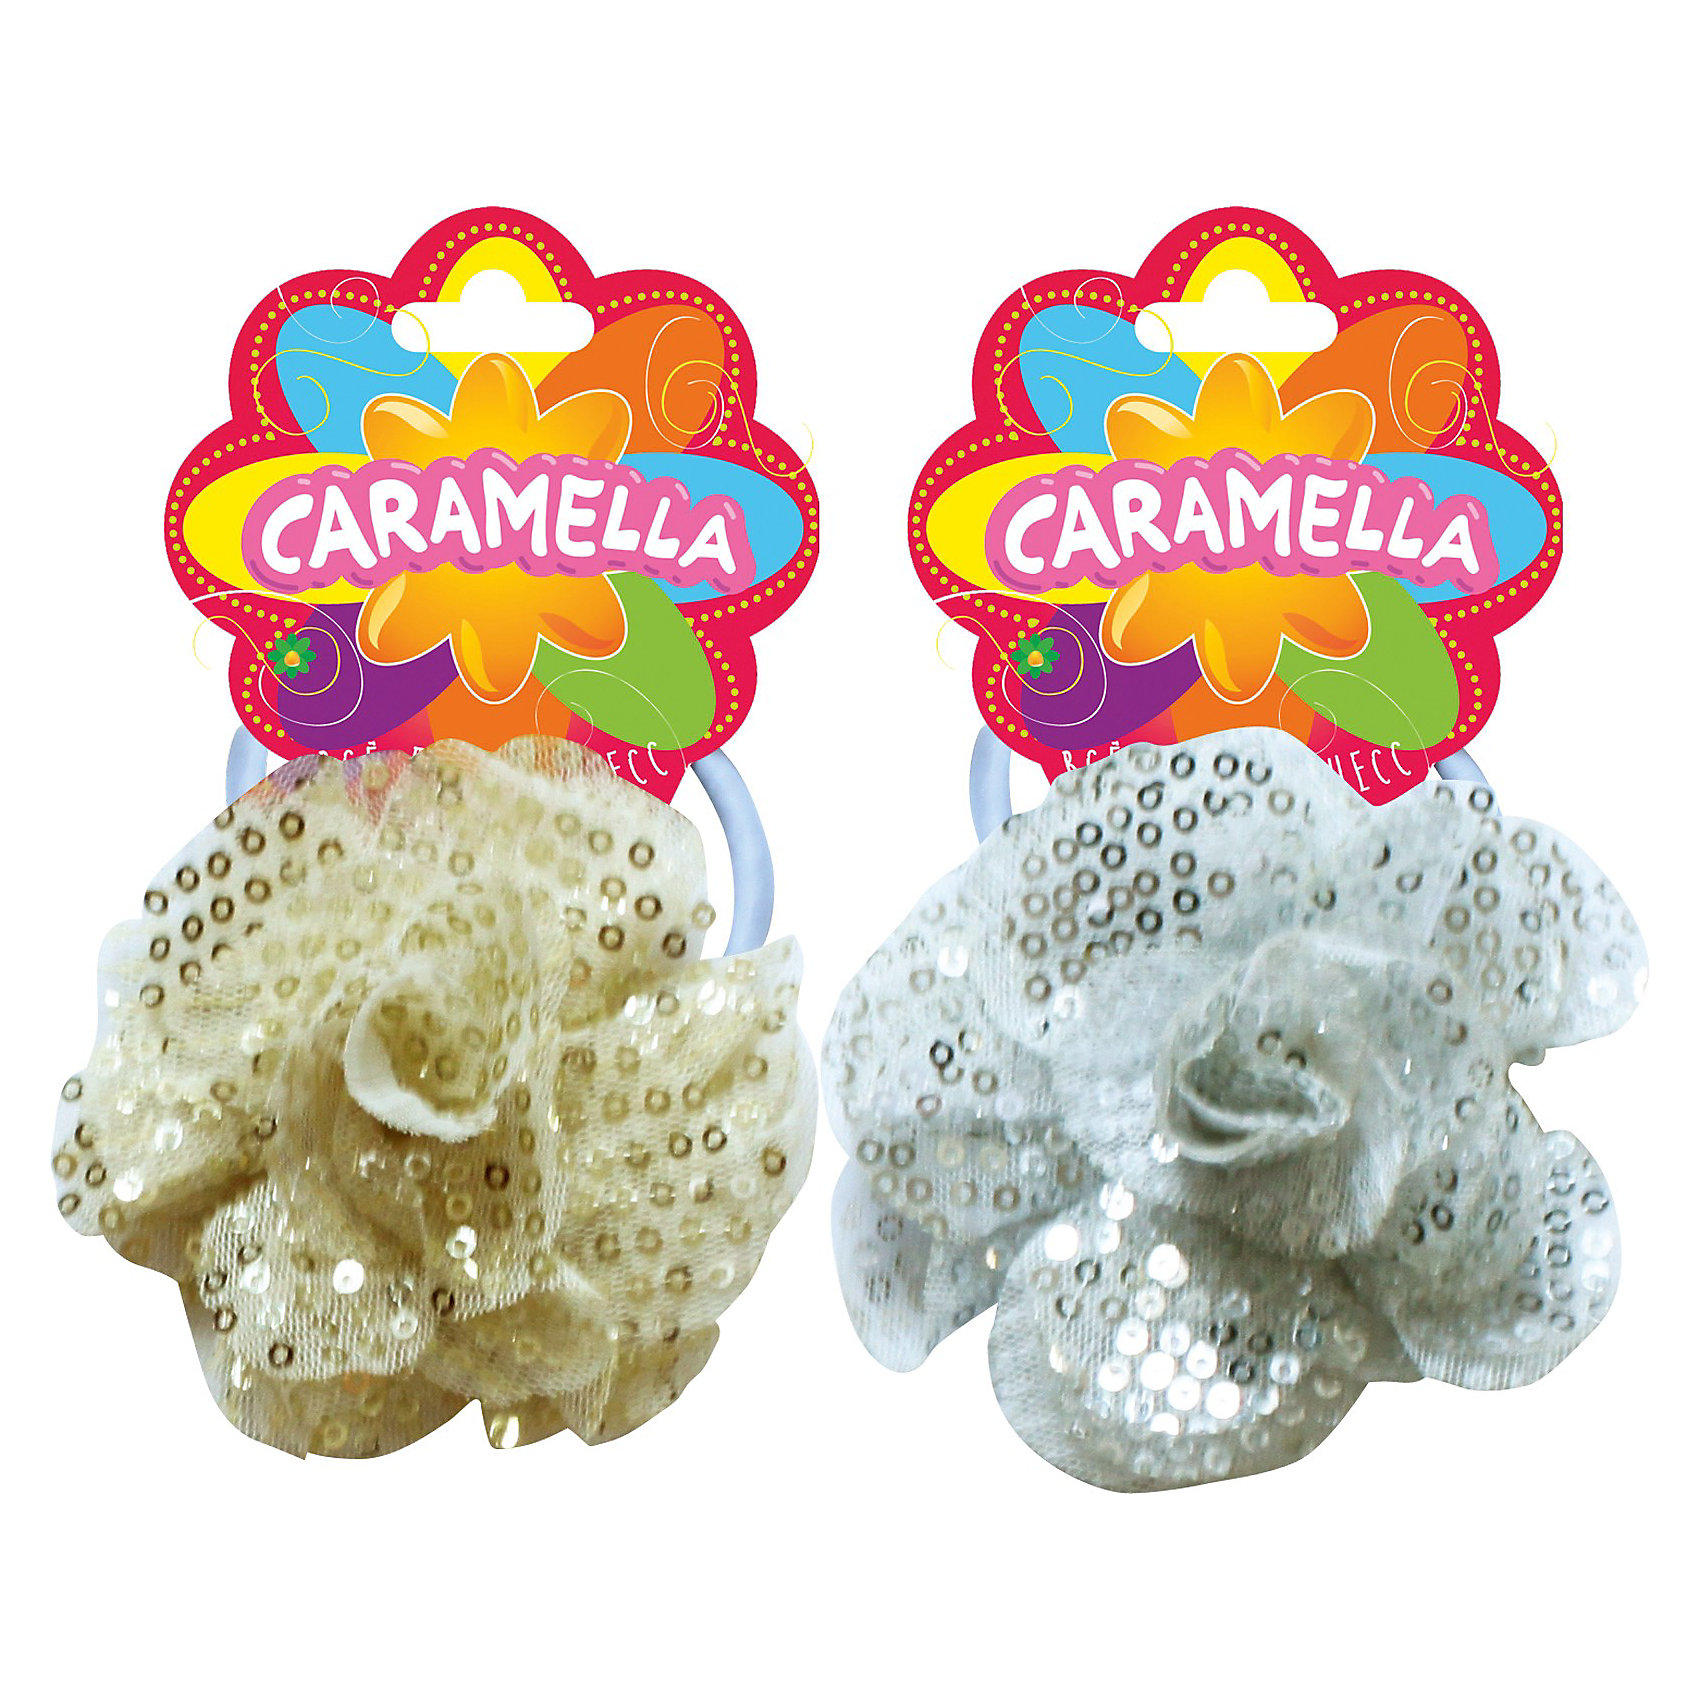 Резинка для волос, 1 шт.  CARAMELLAРезинка для волос «Caramella», украшенная цветочком и пайетками, преобразит волосы очаровательной принцессы. <br><br>В ассортименте 2 цвета: серебряный, золотой. <br><br>Товар сертифицирован.<br><br>Ширина мм: 170<br>Глубина мм: 157<br>Высота мм: 67<br>Вес г: 117<br>Возраст от месяцев: 36<br>Возраст до месяцев: 2147483647<br>Пол: Женский<br>Возраст: Детский<br>SKU: 3825784